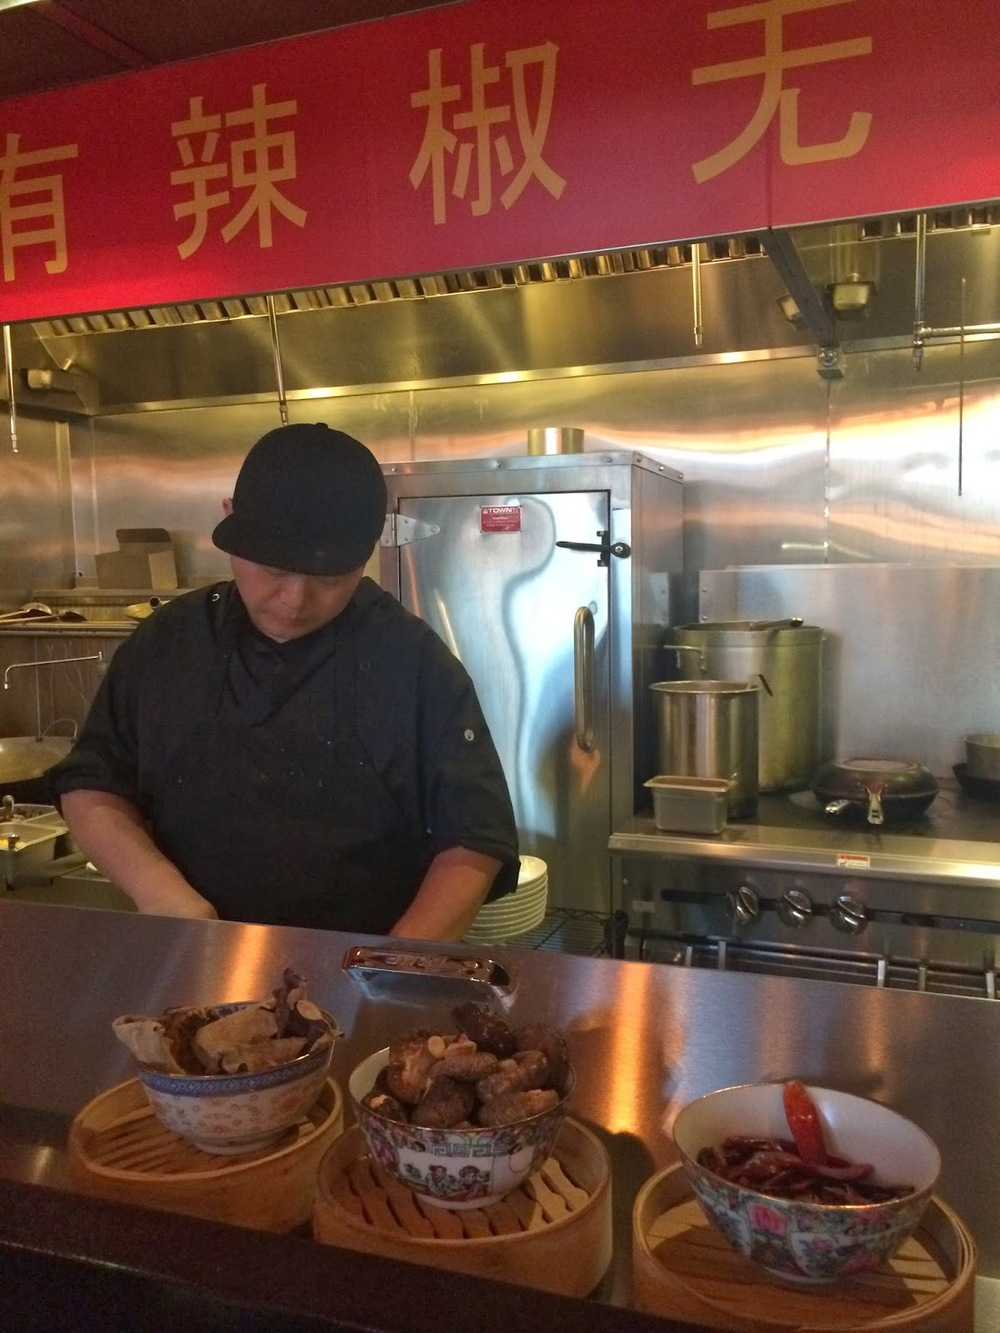 É possível sentar-se junto ao balcão para ver os cozinheiros, de Hong-Kong e da província de Huan, trabalhando e finalizando alguns pratos.